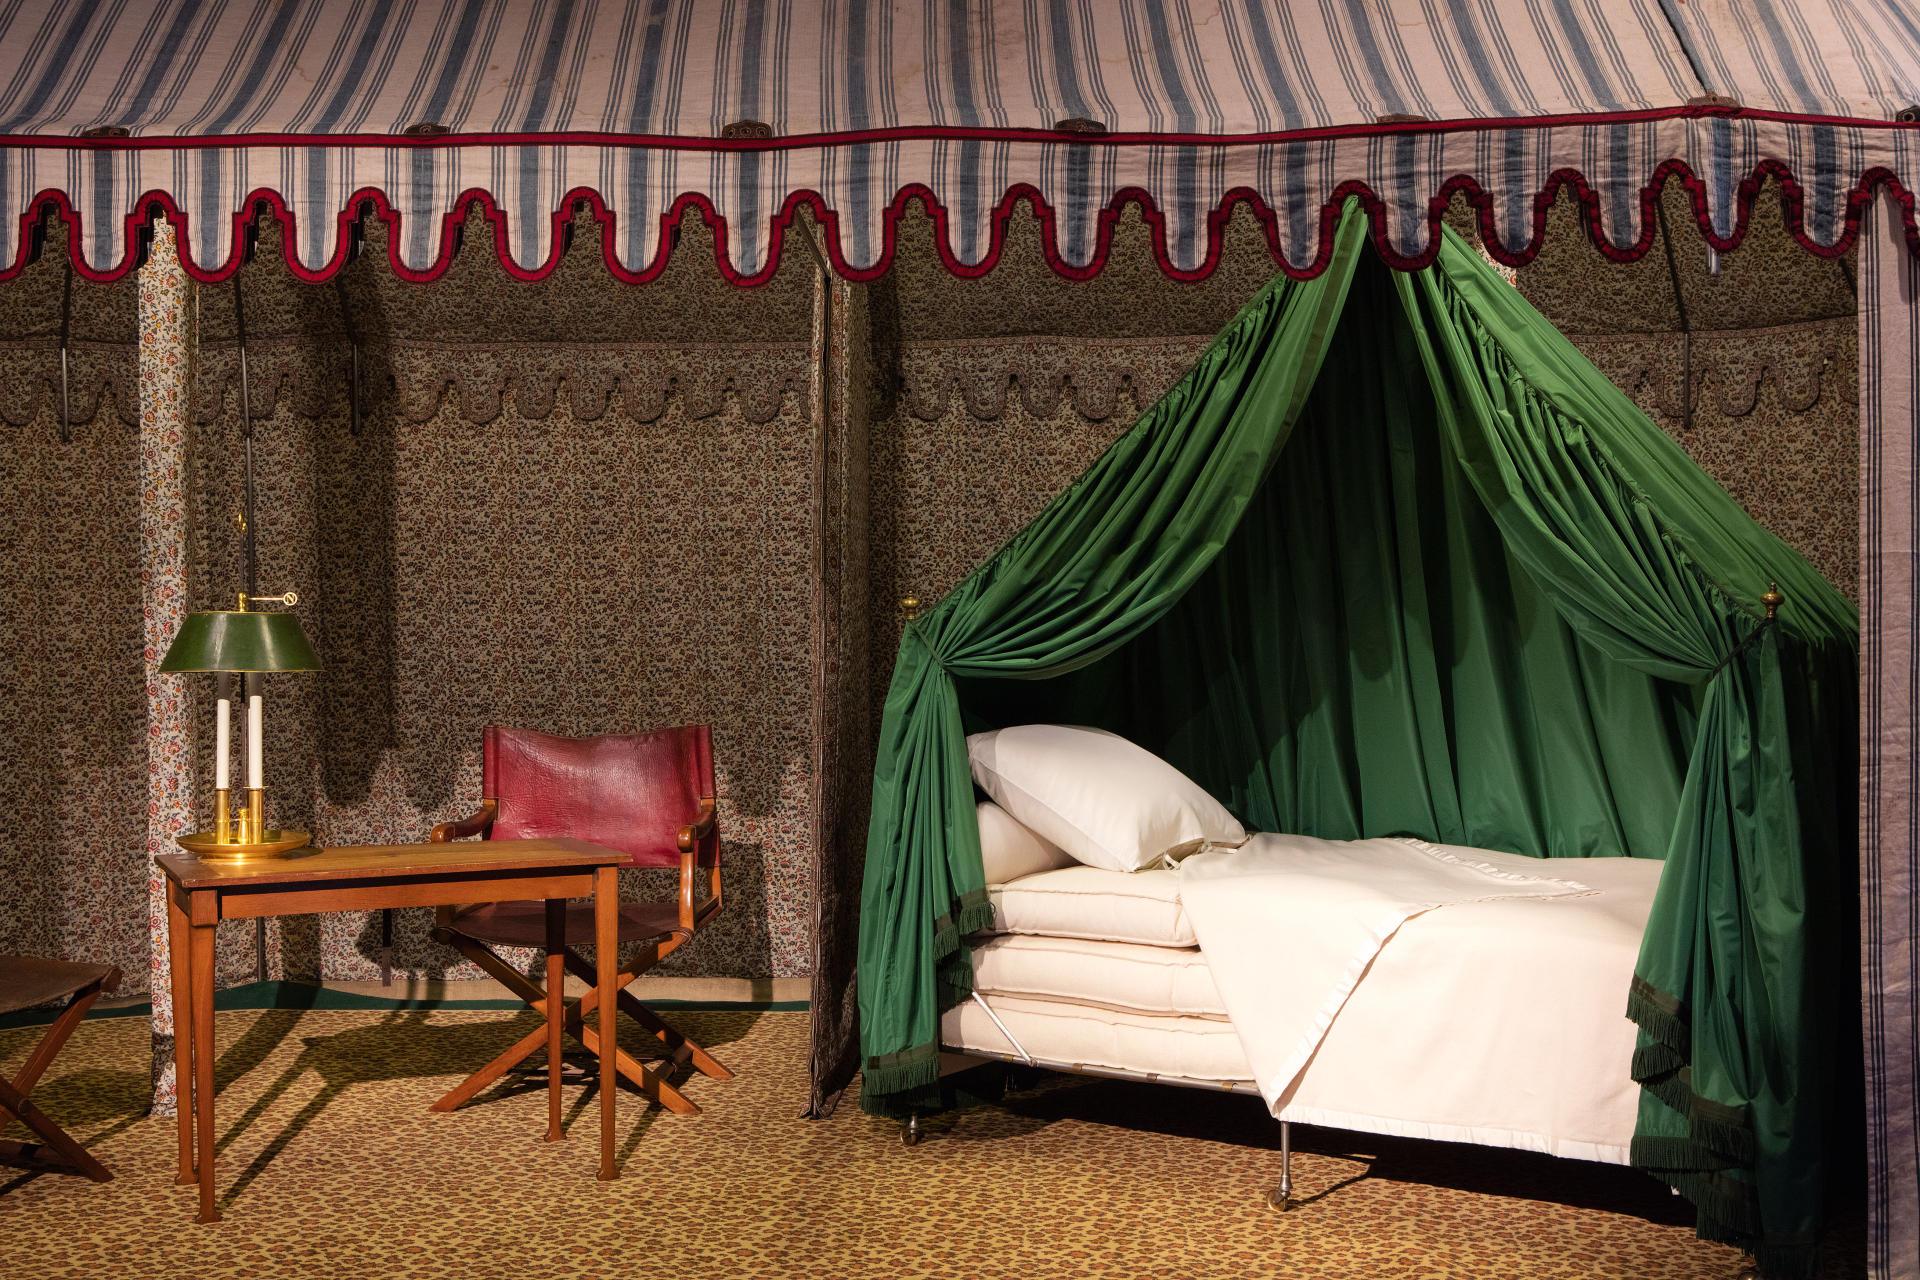 Le lit à roulettes de Napoléon, long d'un peu moins de 2mètres et large de 75cm.